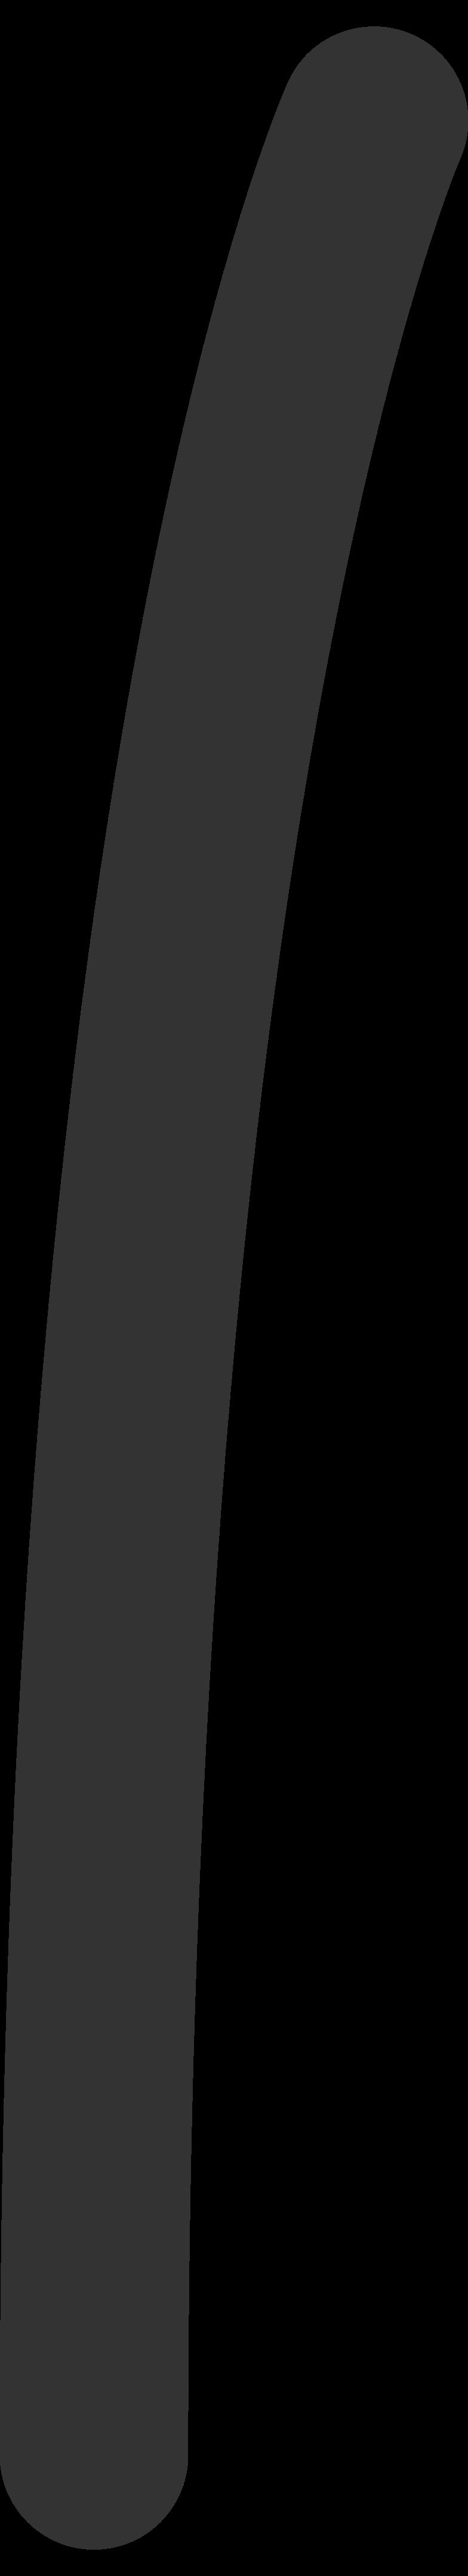 Vektorgrafik im  Stil komm später zurück line- als PNG und SVG | Icons8 Grafiken